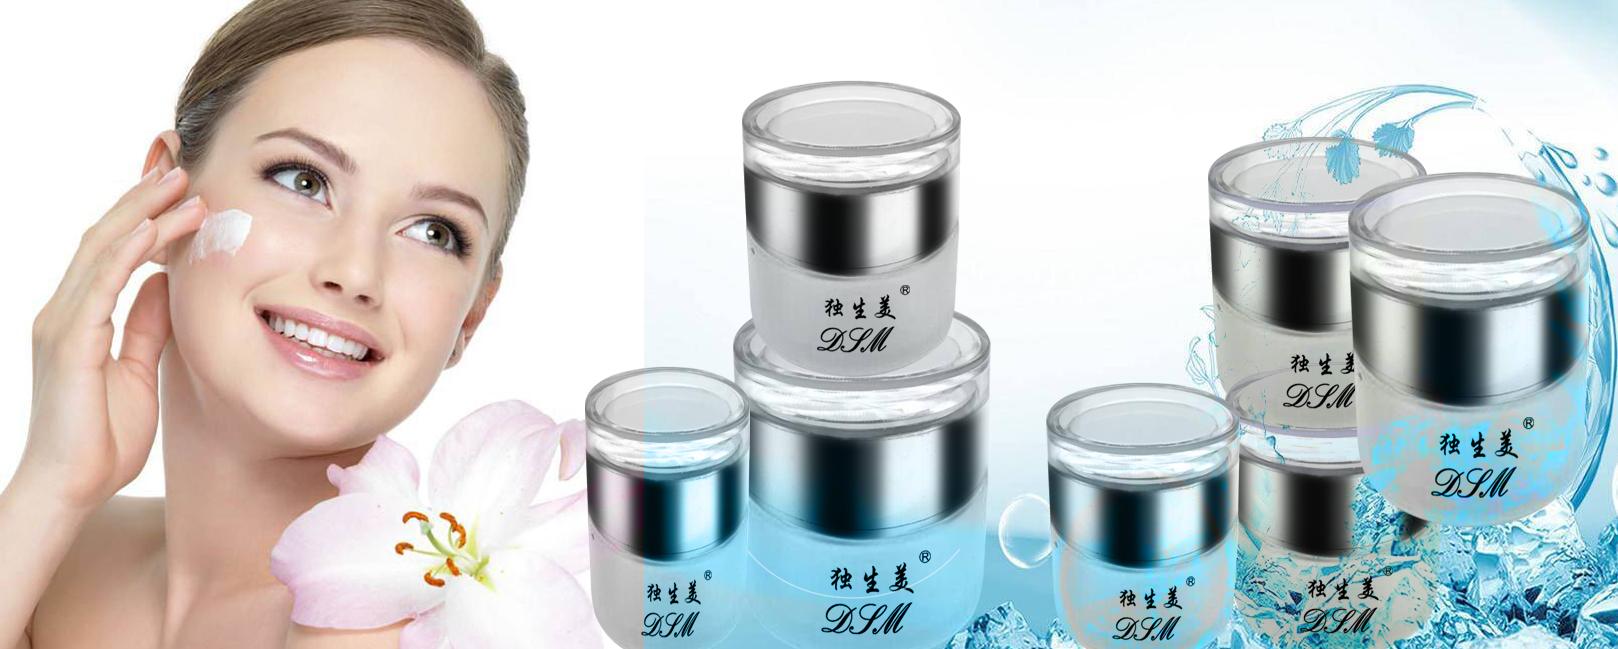 美容院专业线独生美化妆品